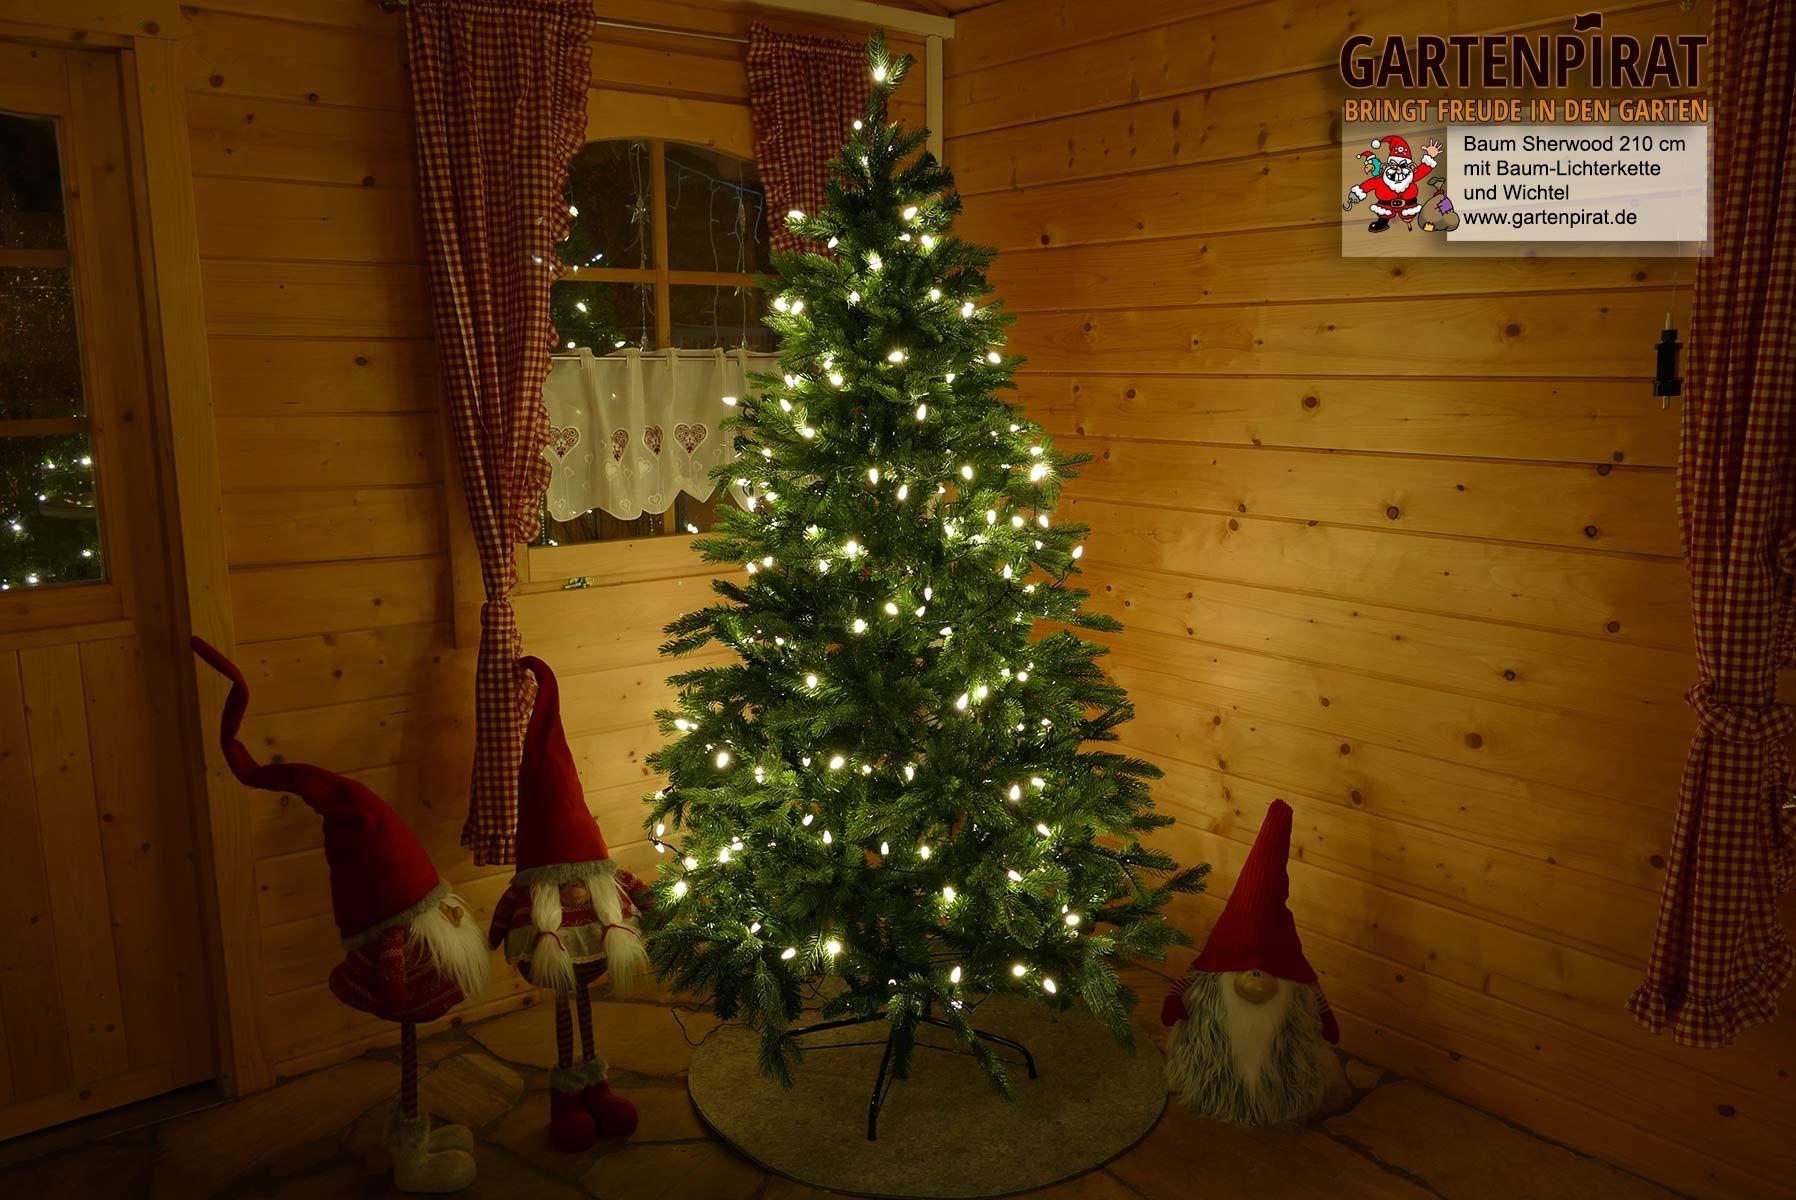 Tannenbaum Mit Kerzen.Künstlicher Tannenbaum Sherwood 215 Cm Geschmückt Mit Kerzen